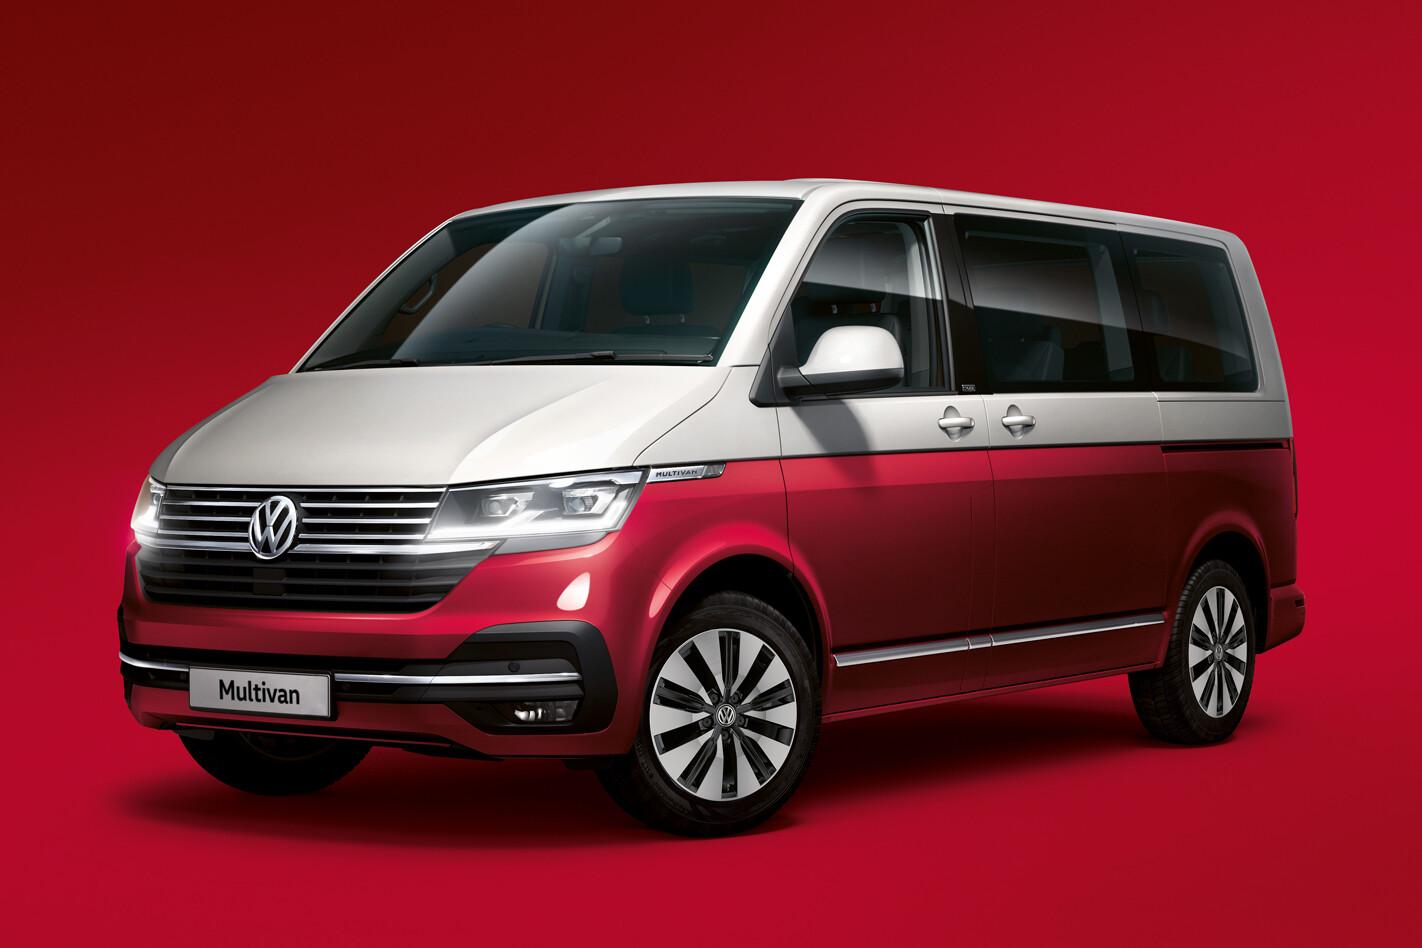 2020 Volkswagen Multivan Cruise